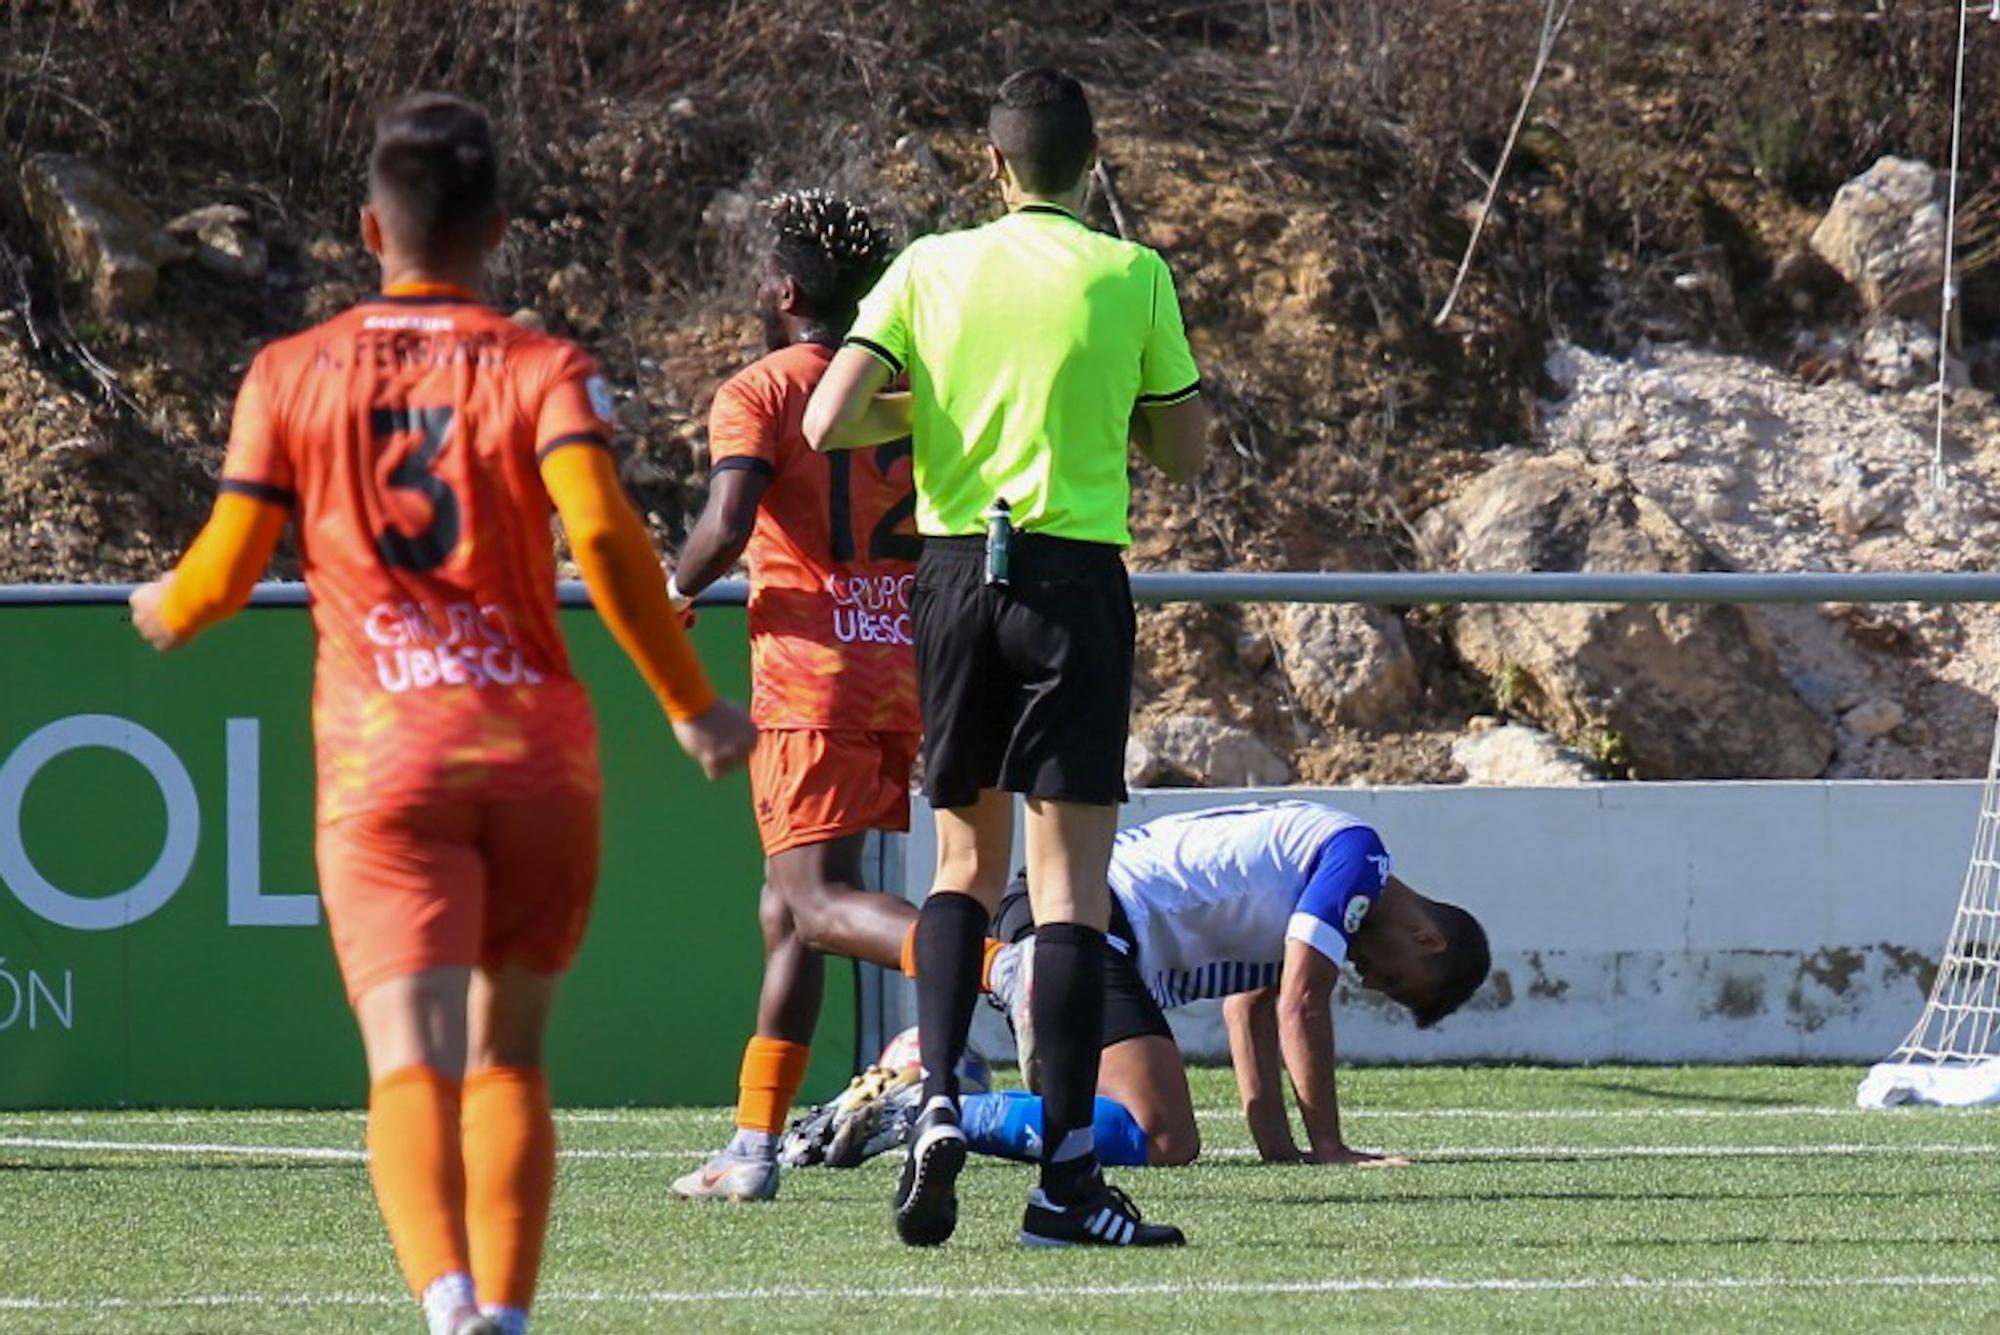 El Hércules cae por 2-0 ante el Atzeneta